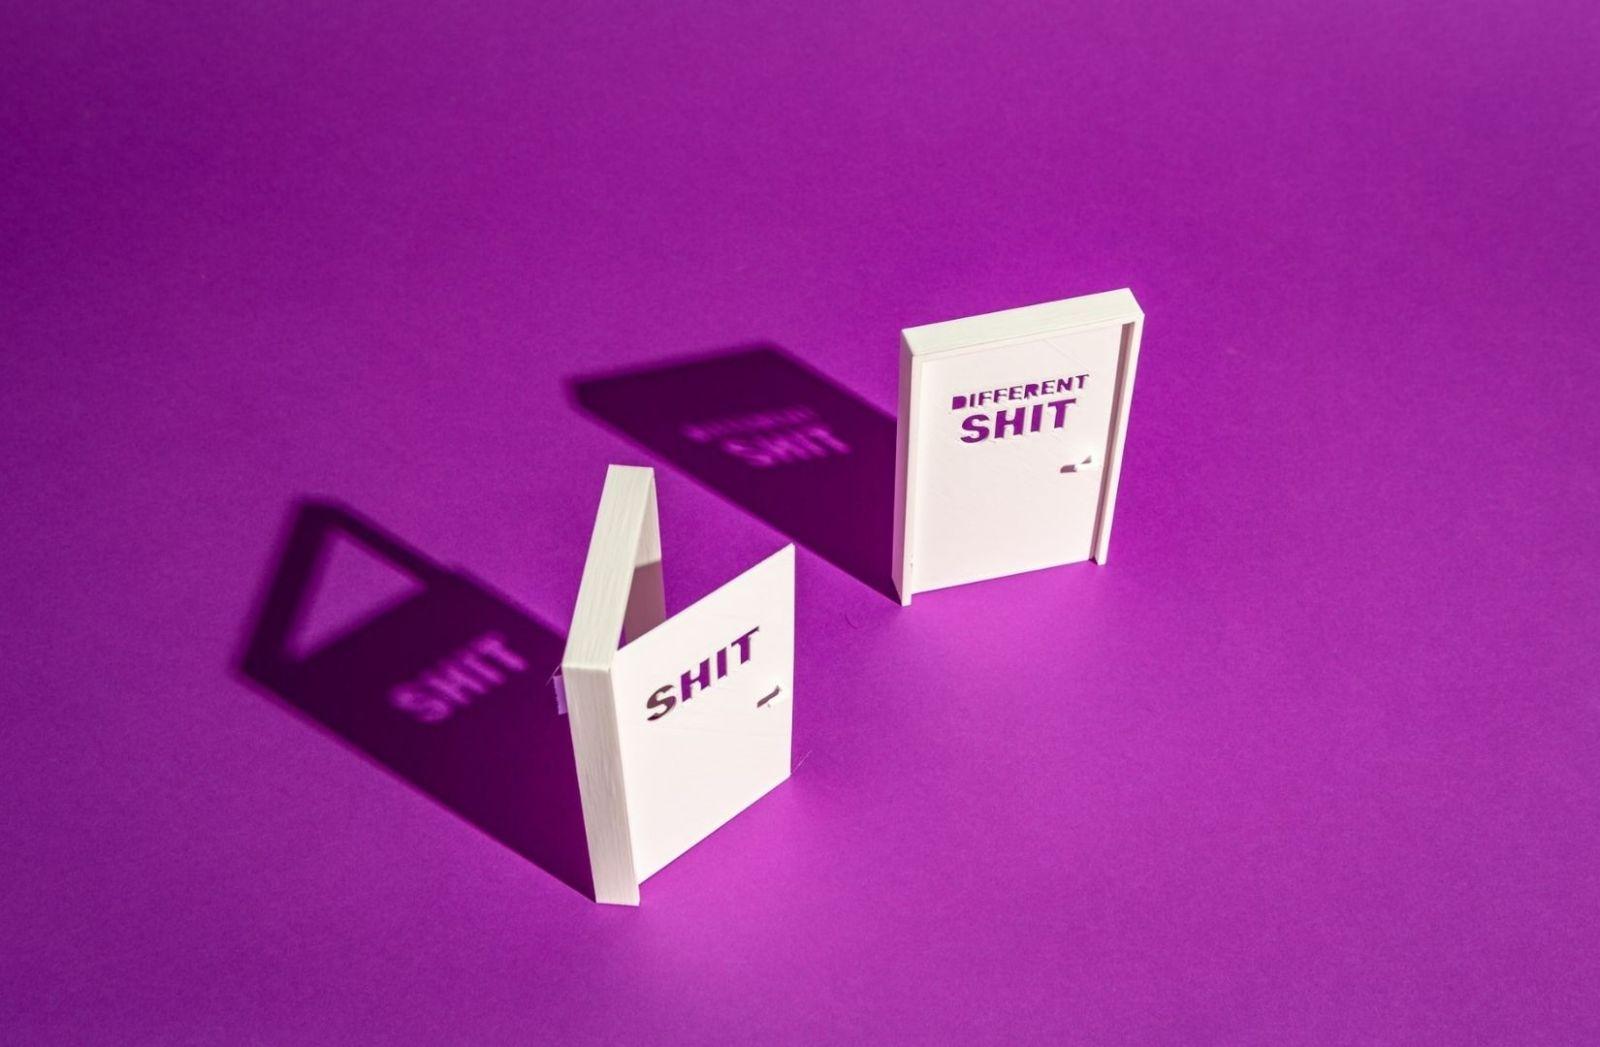 Politisches Theater spielt sich ab zwischen Shit und anderem Shit. (Foto: Stefan Moertl, Unsplash.com)